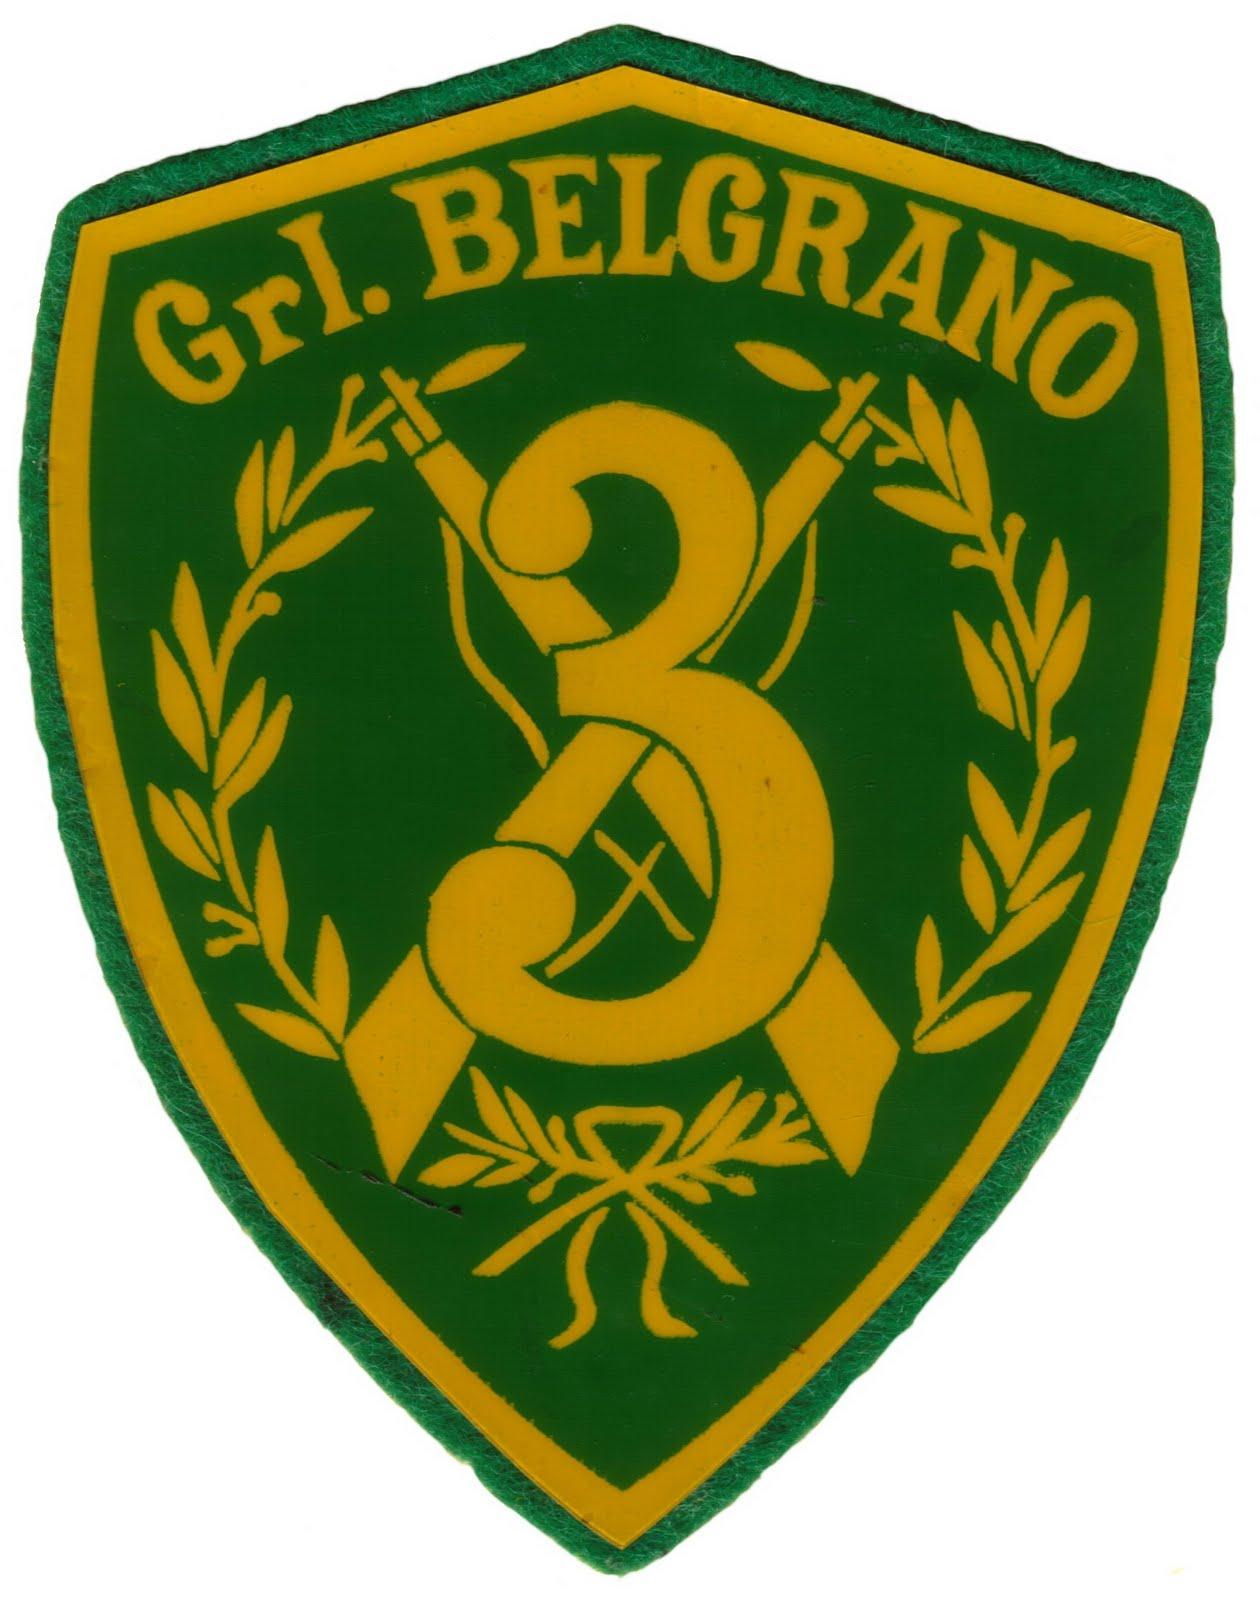 """Regimiento de Infantería Mecanizado 3 """"General Belgrano"""" (RI Mec 3 ..."""